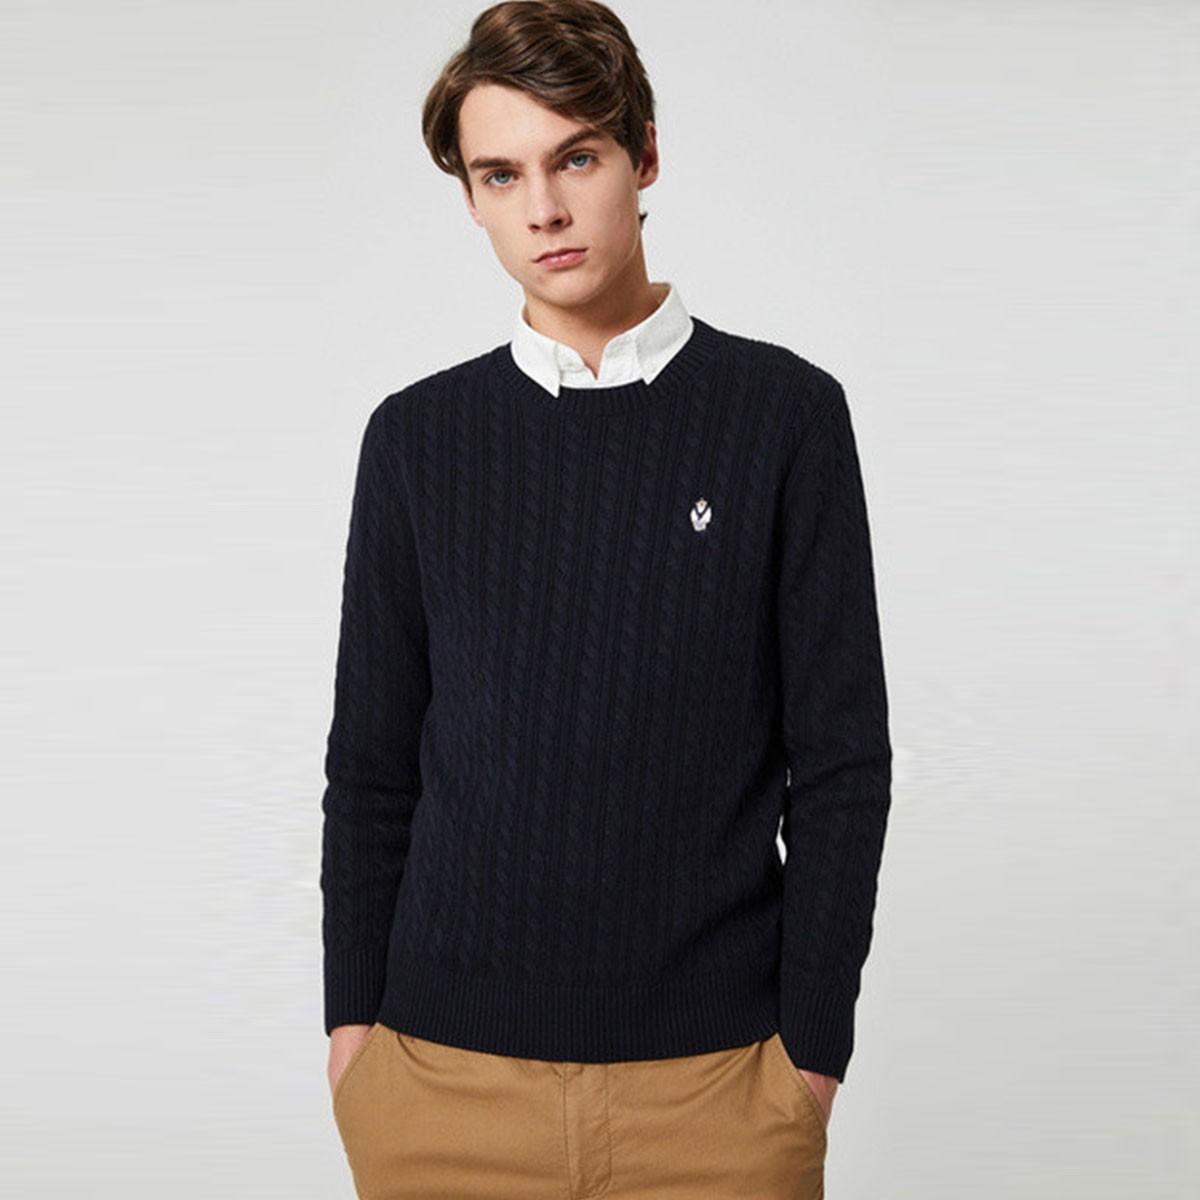 TEENIE WEENIE 维尼熊 TNKW201203A25男士纯棉针织衫